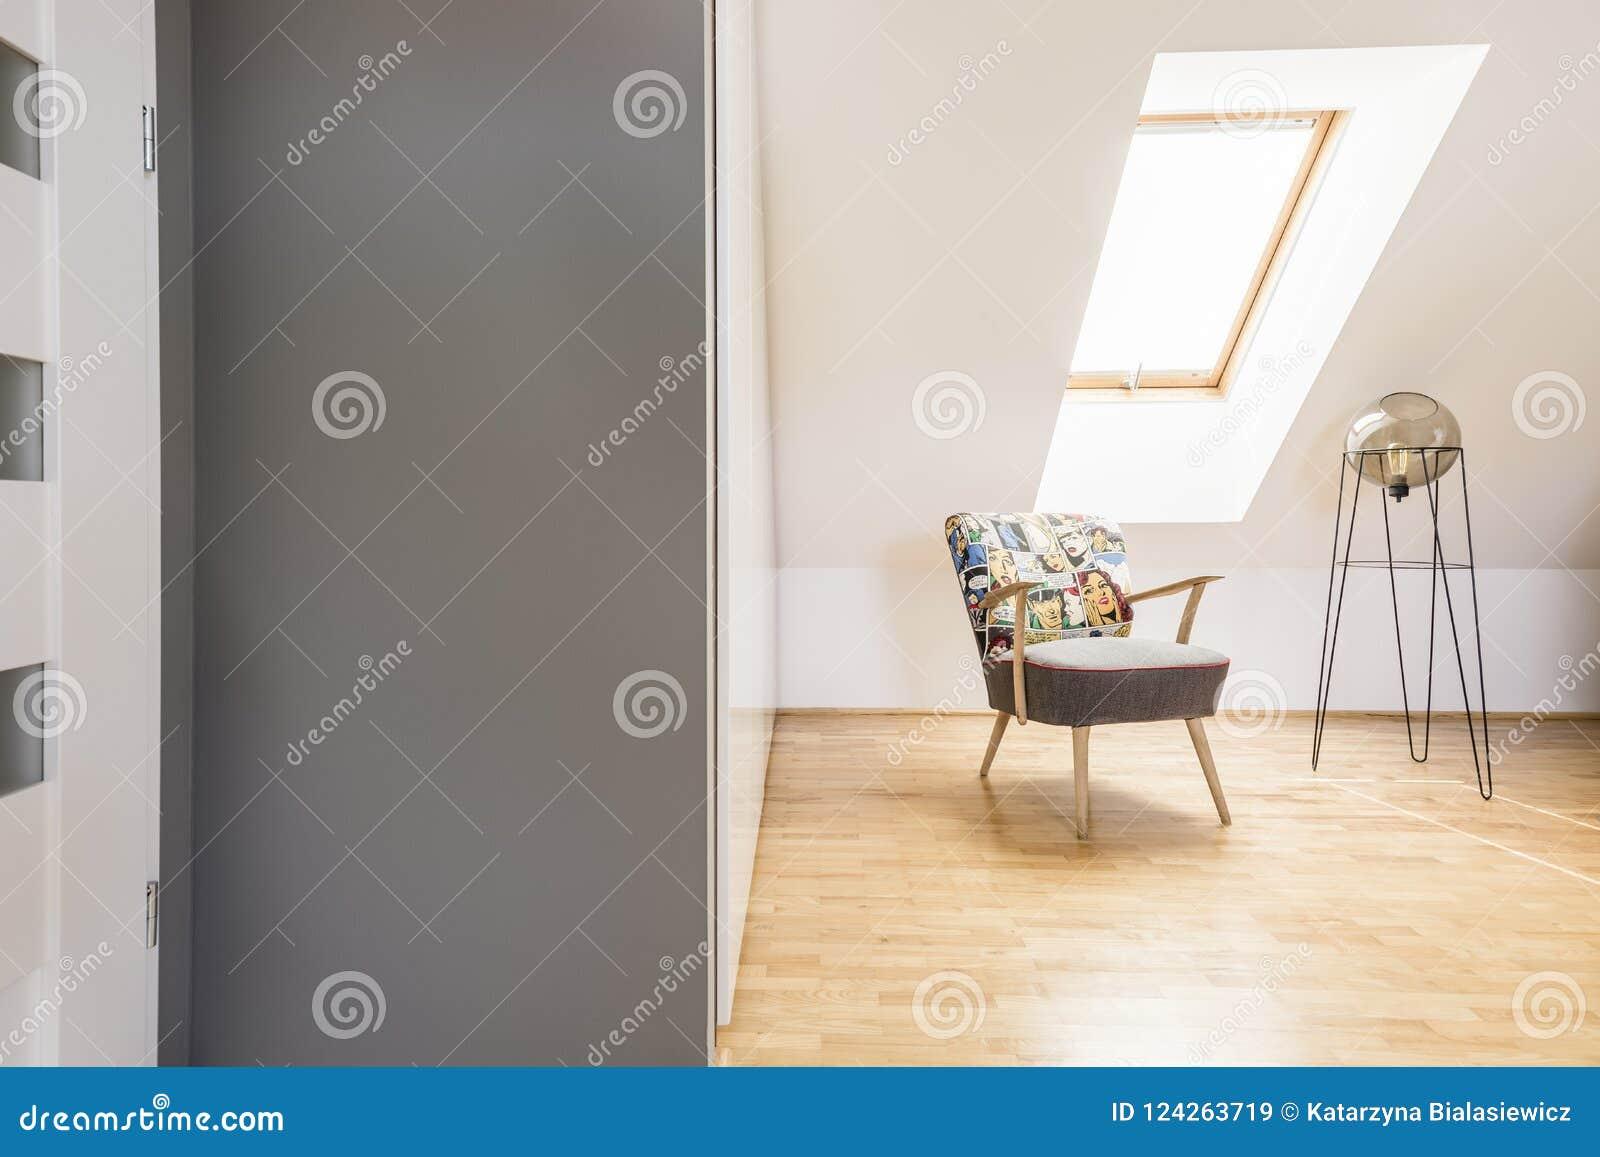 Gevormde leunstoel naast moderne lamp op houten vloer op zolder